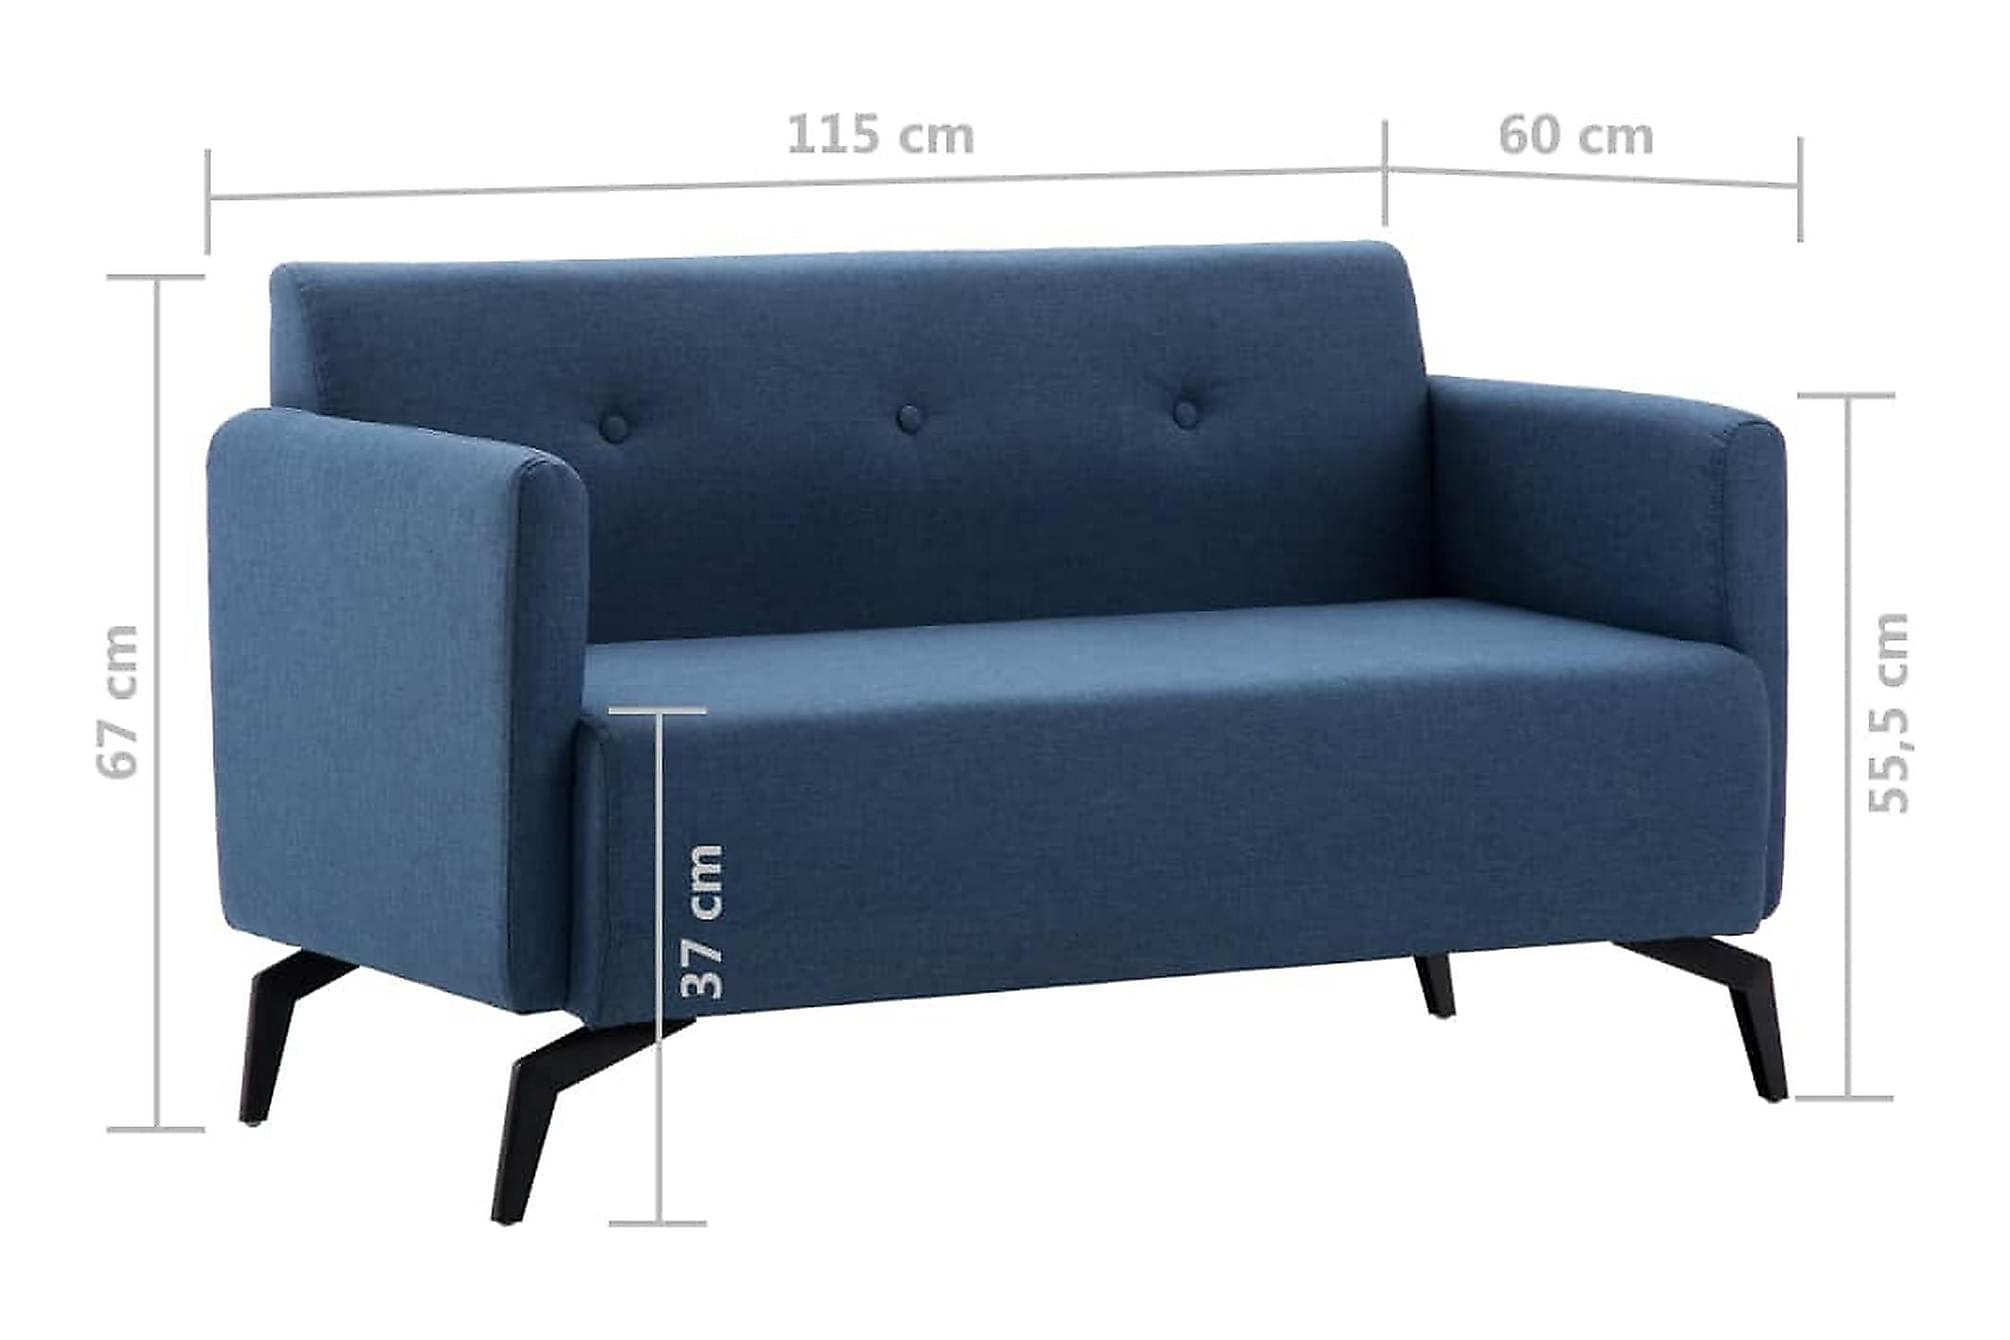 2-sitssoffa med tygklädsel 115x60x67 cm blå, 2-sits soffor